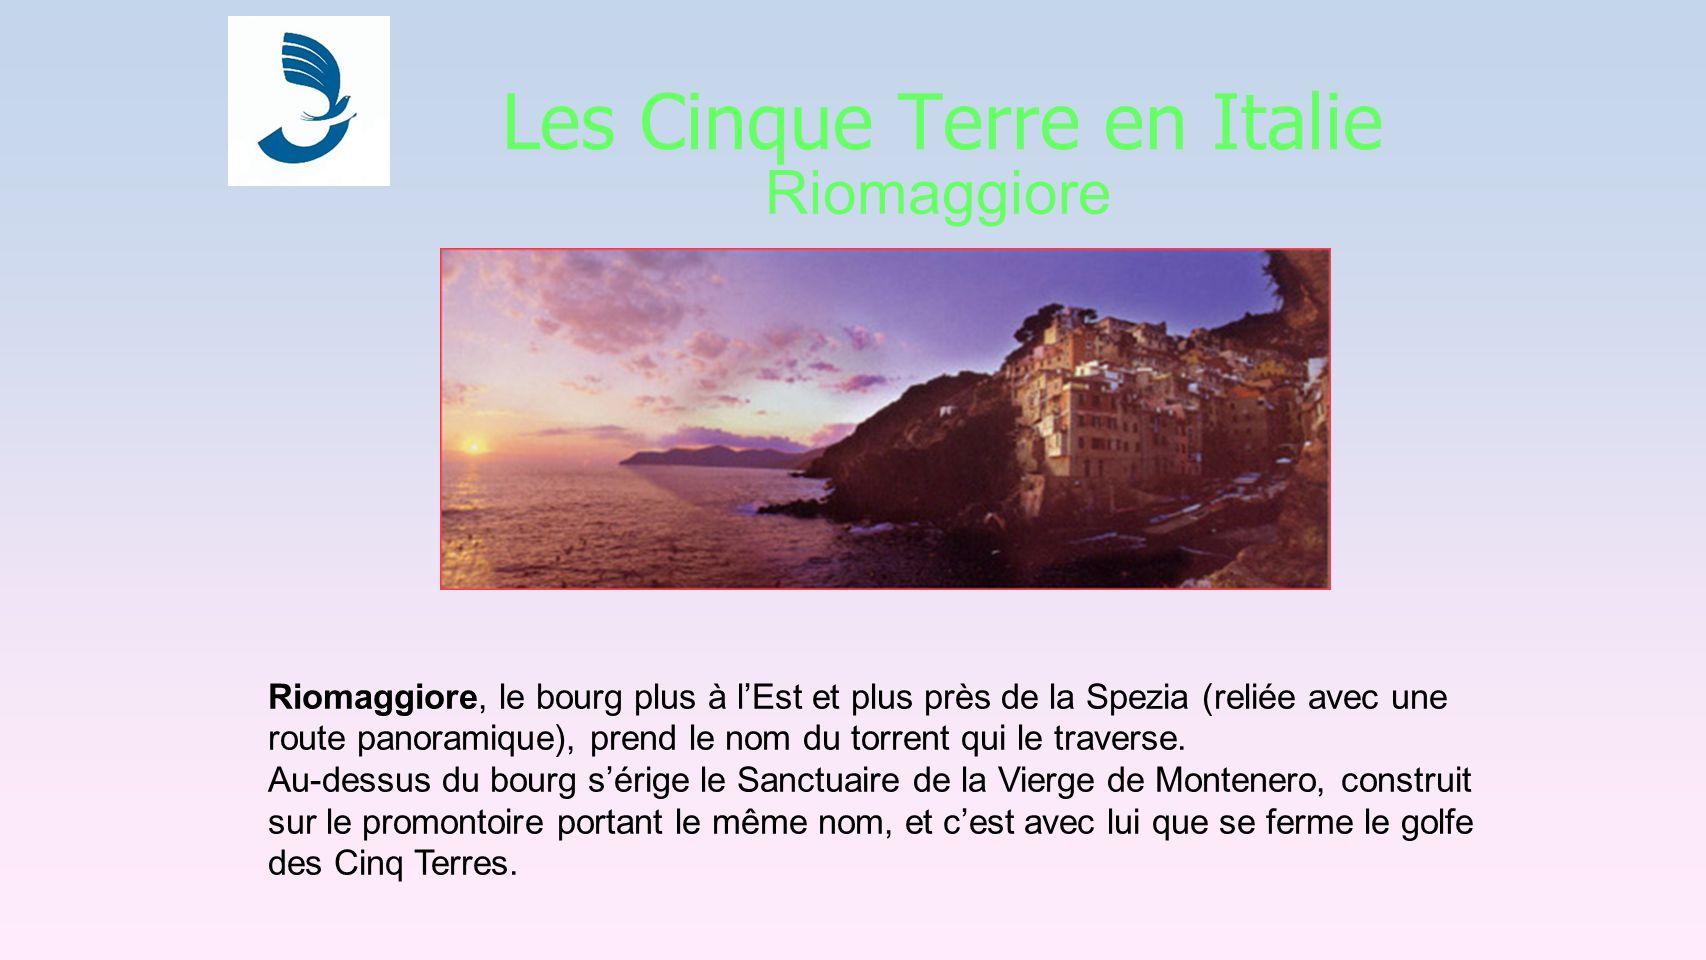 Les Cinque Terre en Italie Riomaggiore Riomaggiore, le bourg plus à lEst et plus près de la Spezia (reliée avec une route panoramique), prend le nom du torrent qui le traverse.